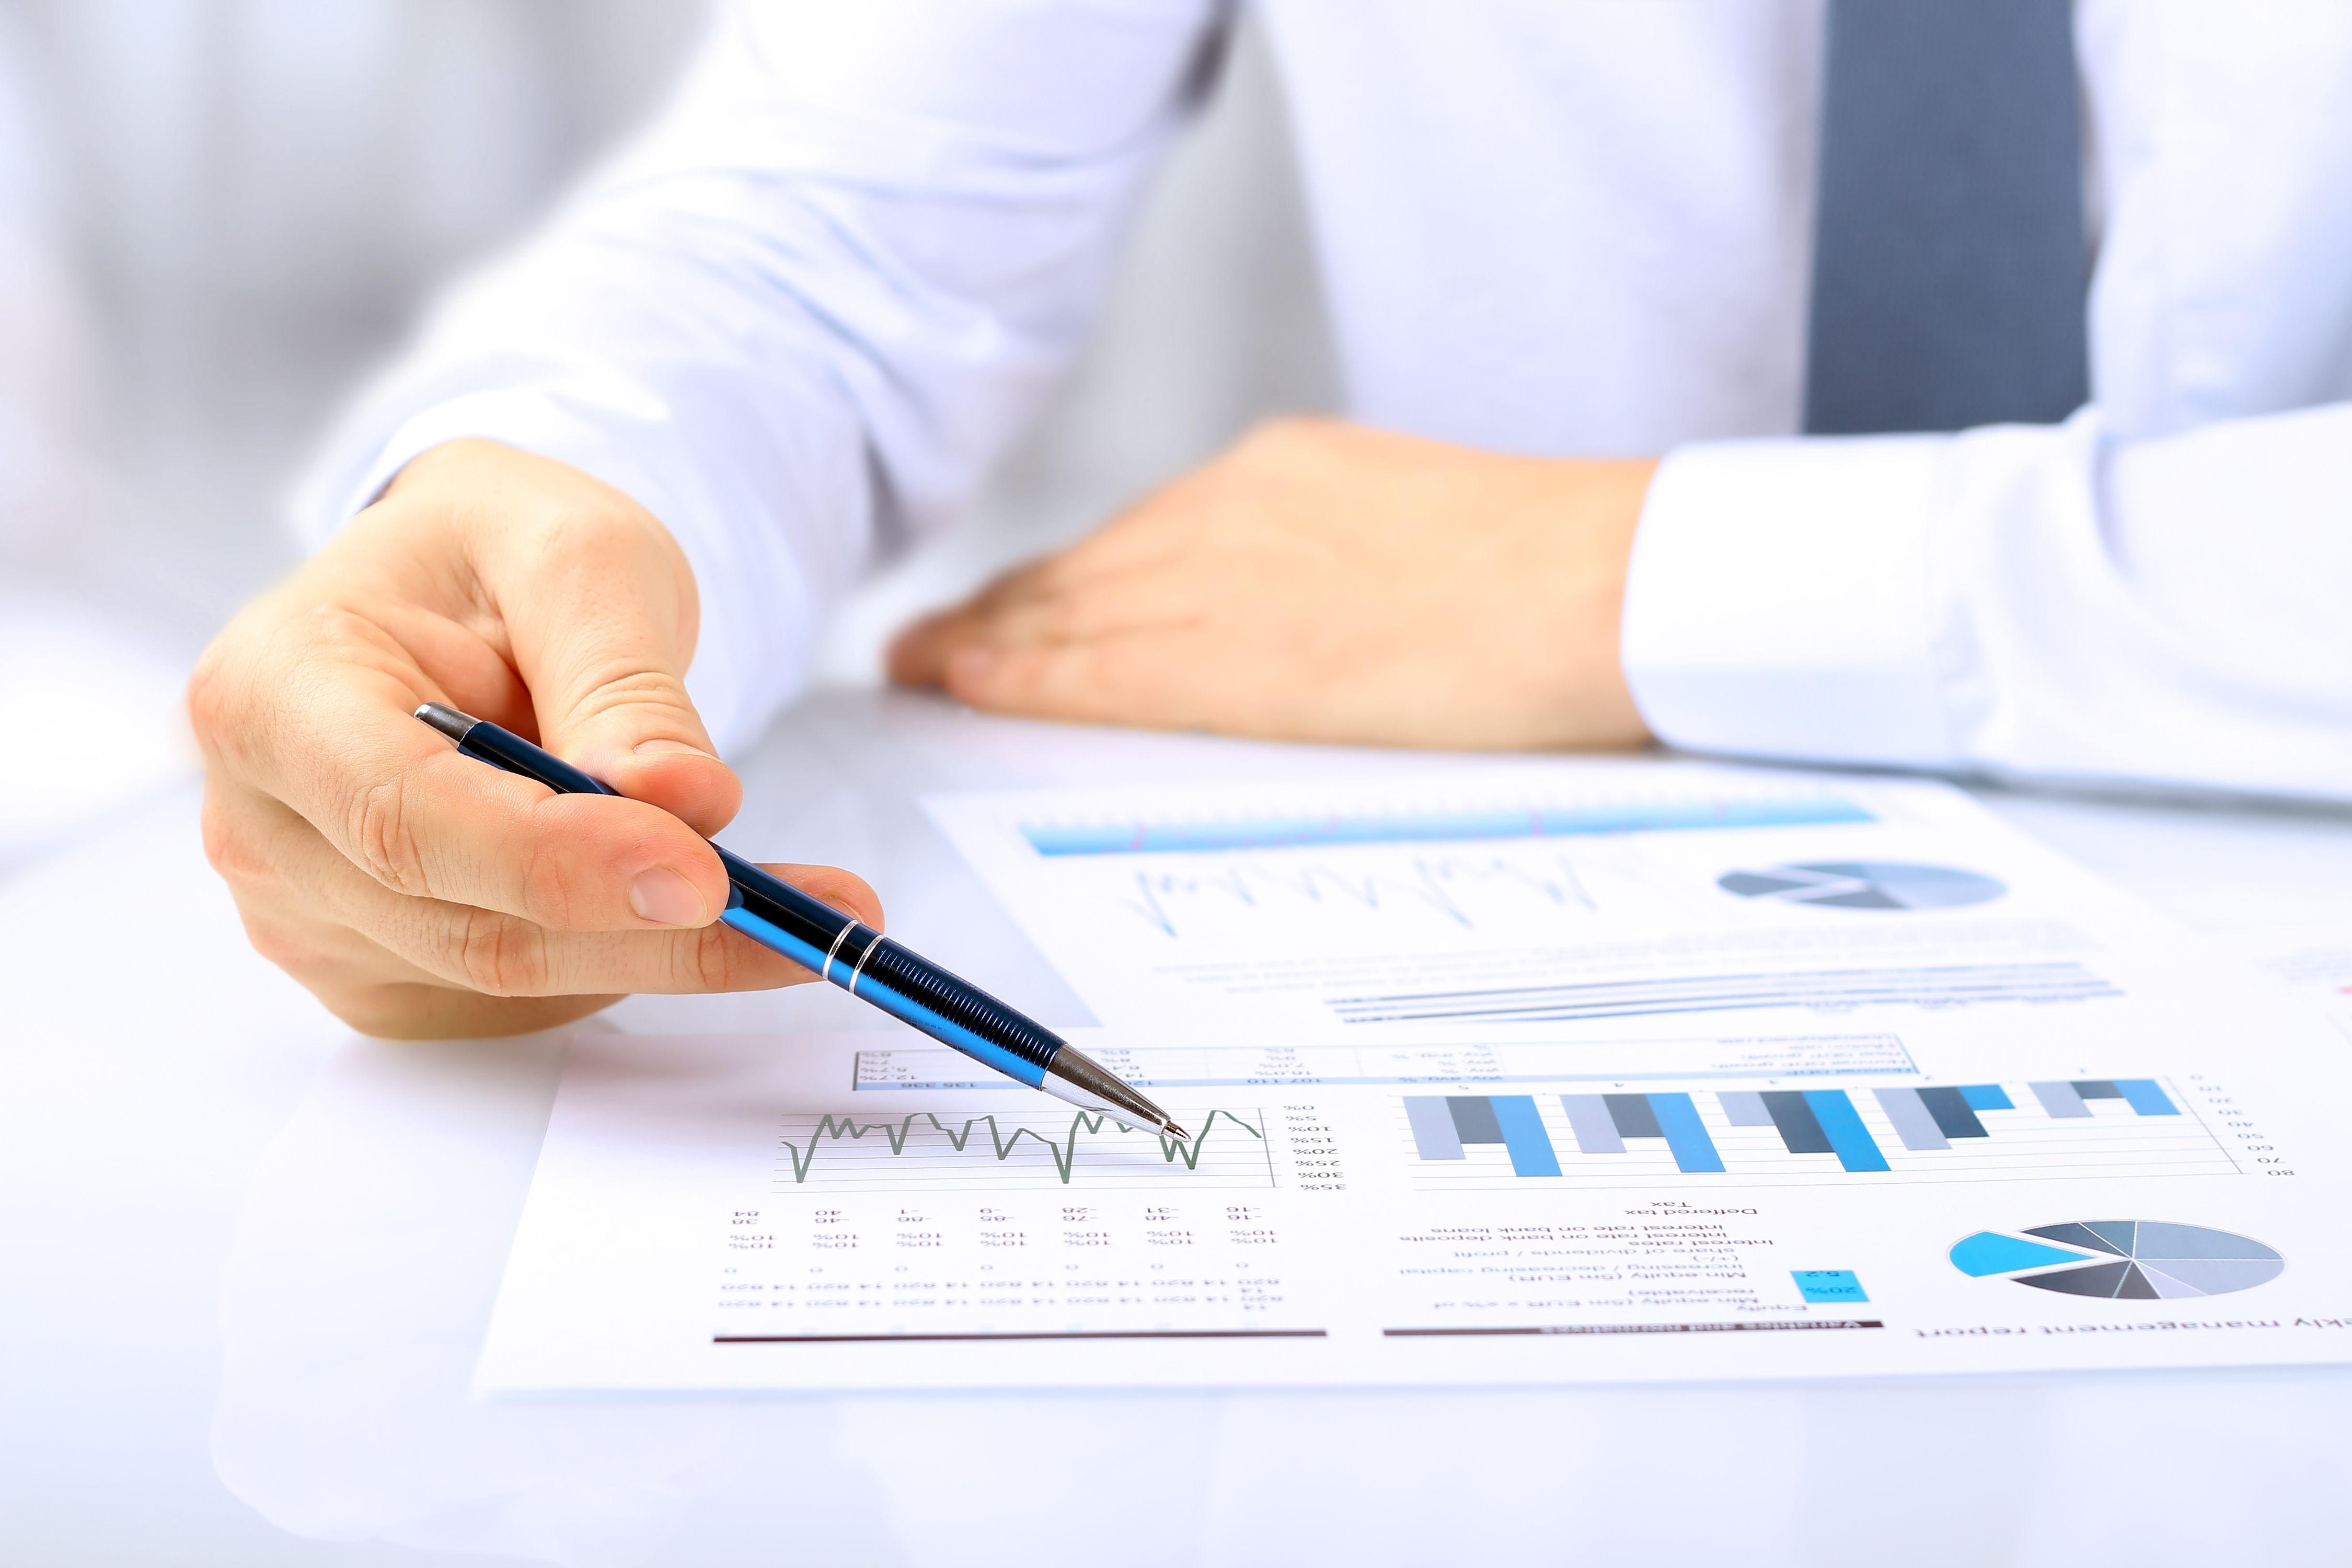 Gestiones administrativas para empresas y particulares en Erandio